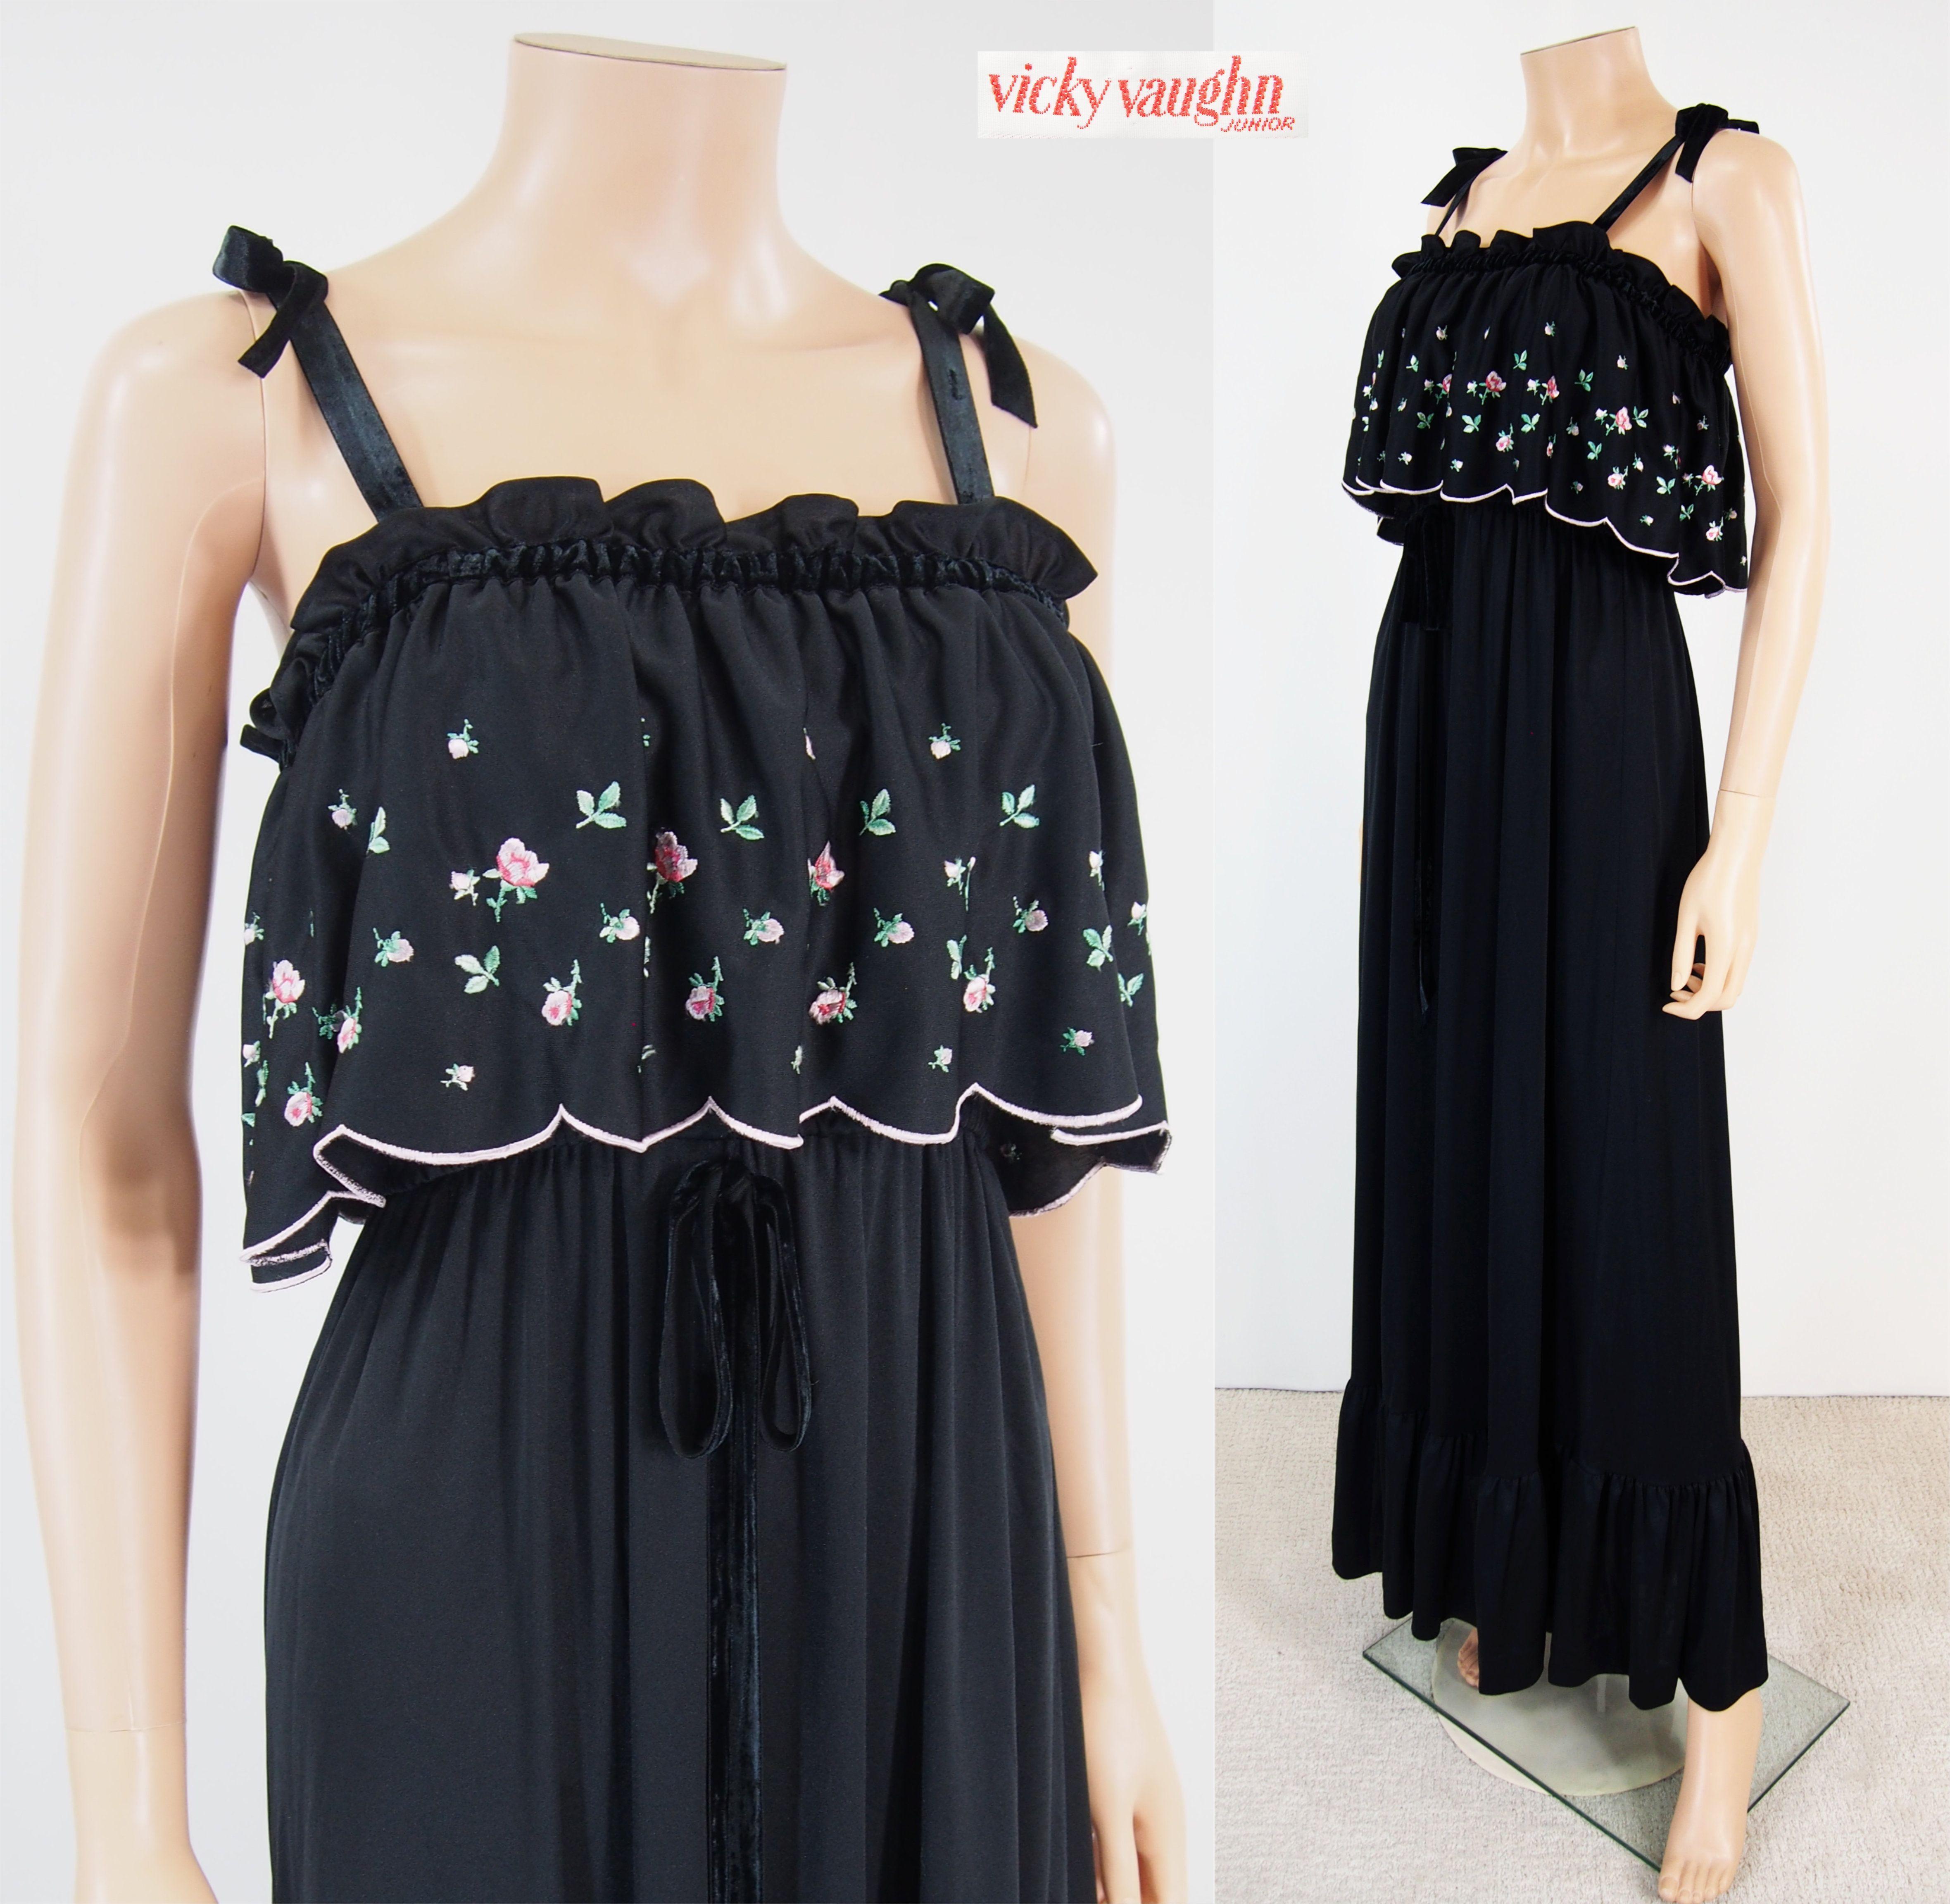 Vtg s vicky vaughn black pink embroidery velvet straps sundress